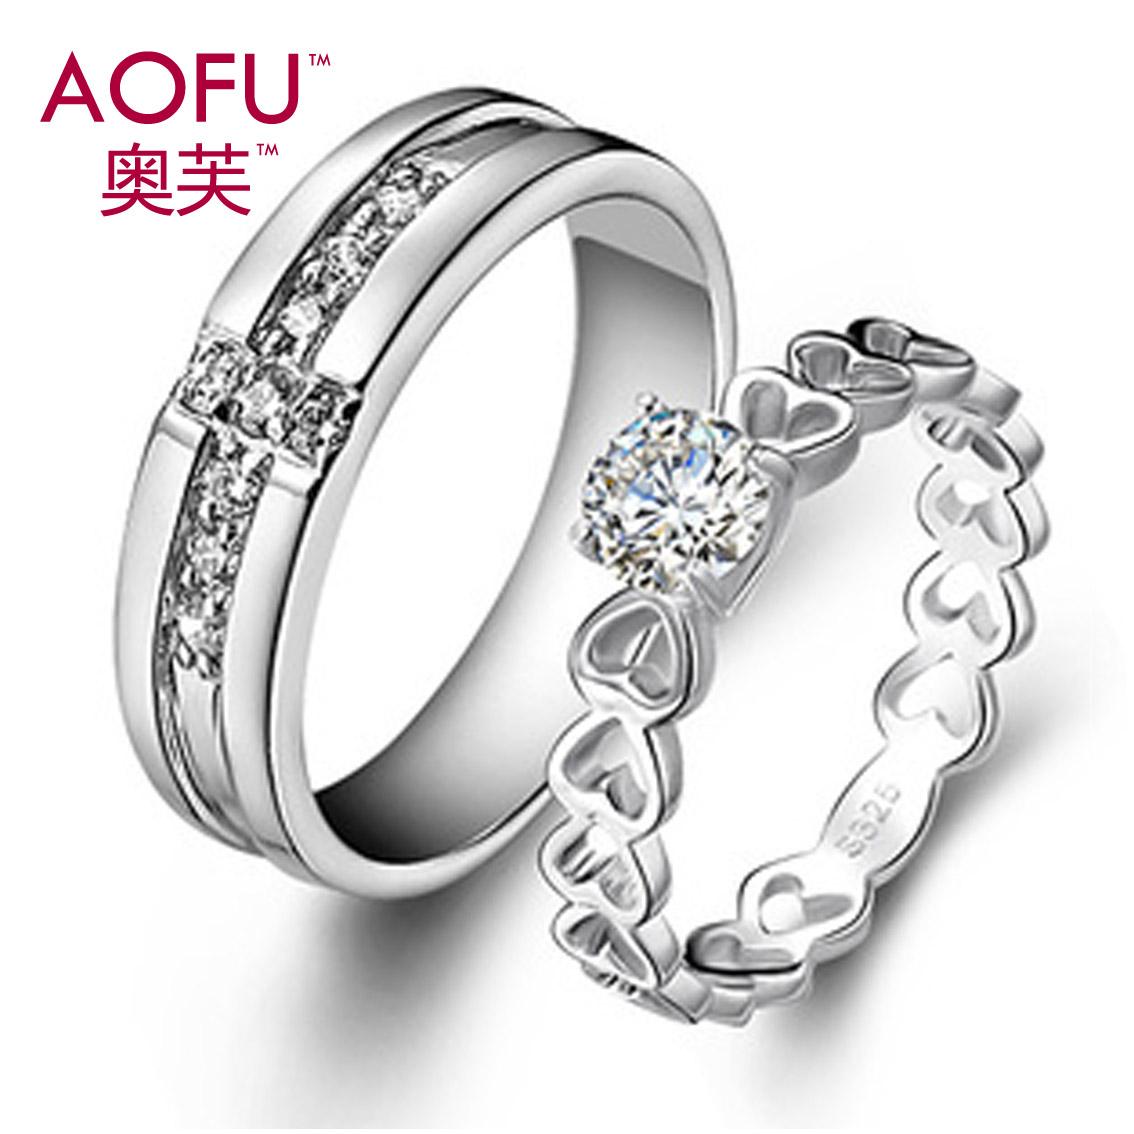 серебряные ювелирные изделия из китая